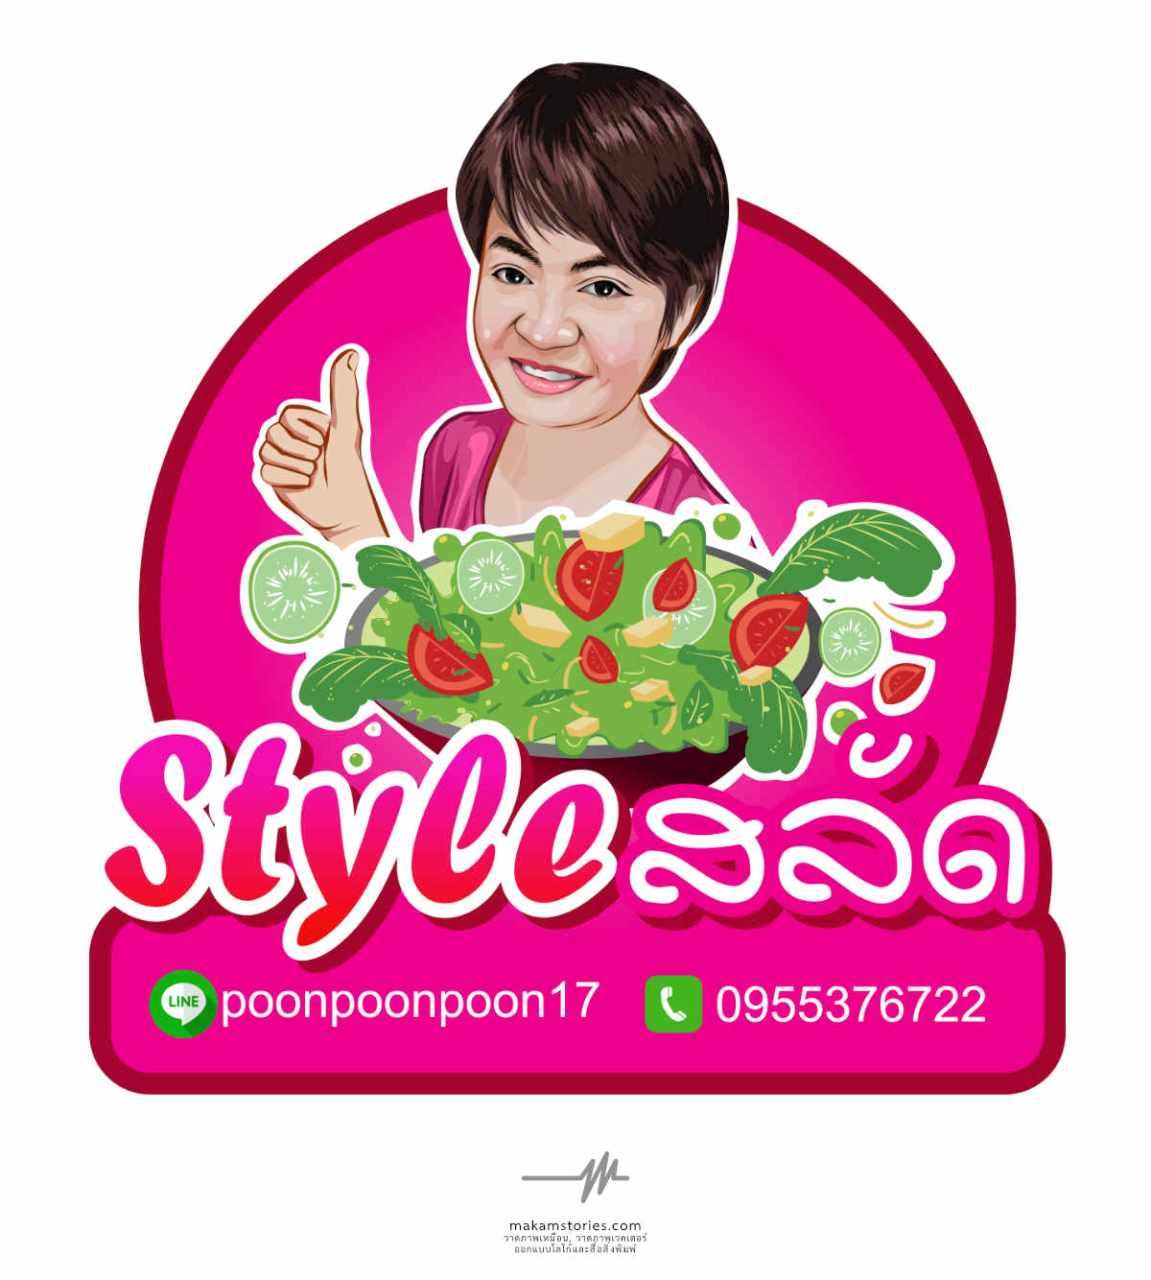 ออกแบบโลโก้ดีไซต์ โลโก้แบบภาพเหมือนเวคเตอร์ Vector Portrait Logo โลโก้ผลิตภัณฑ์อาหาร